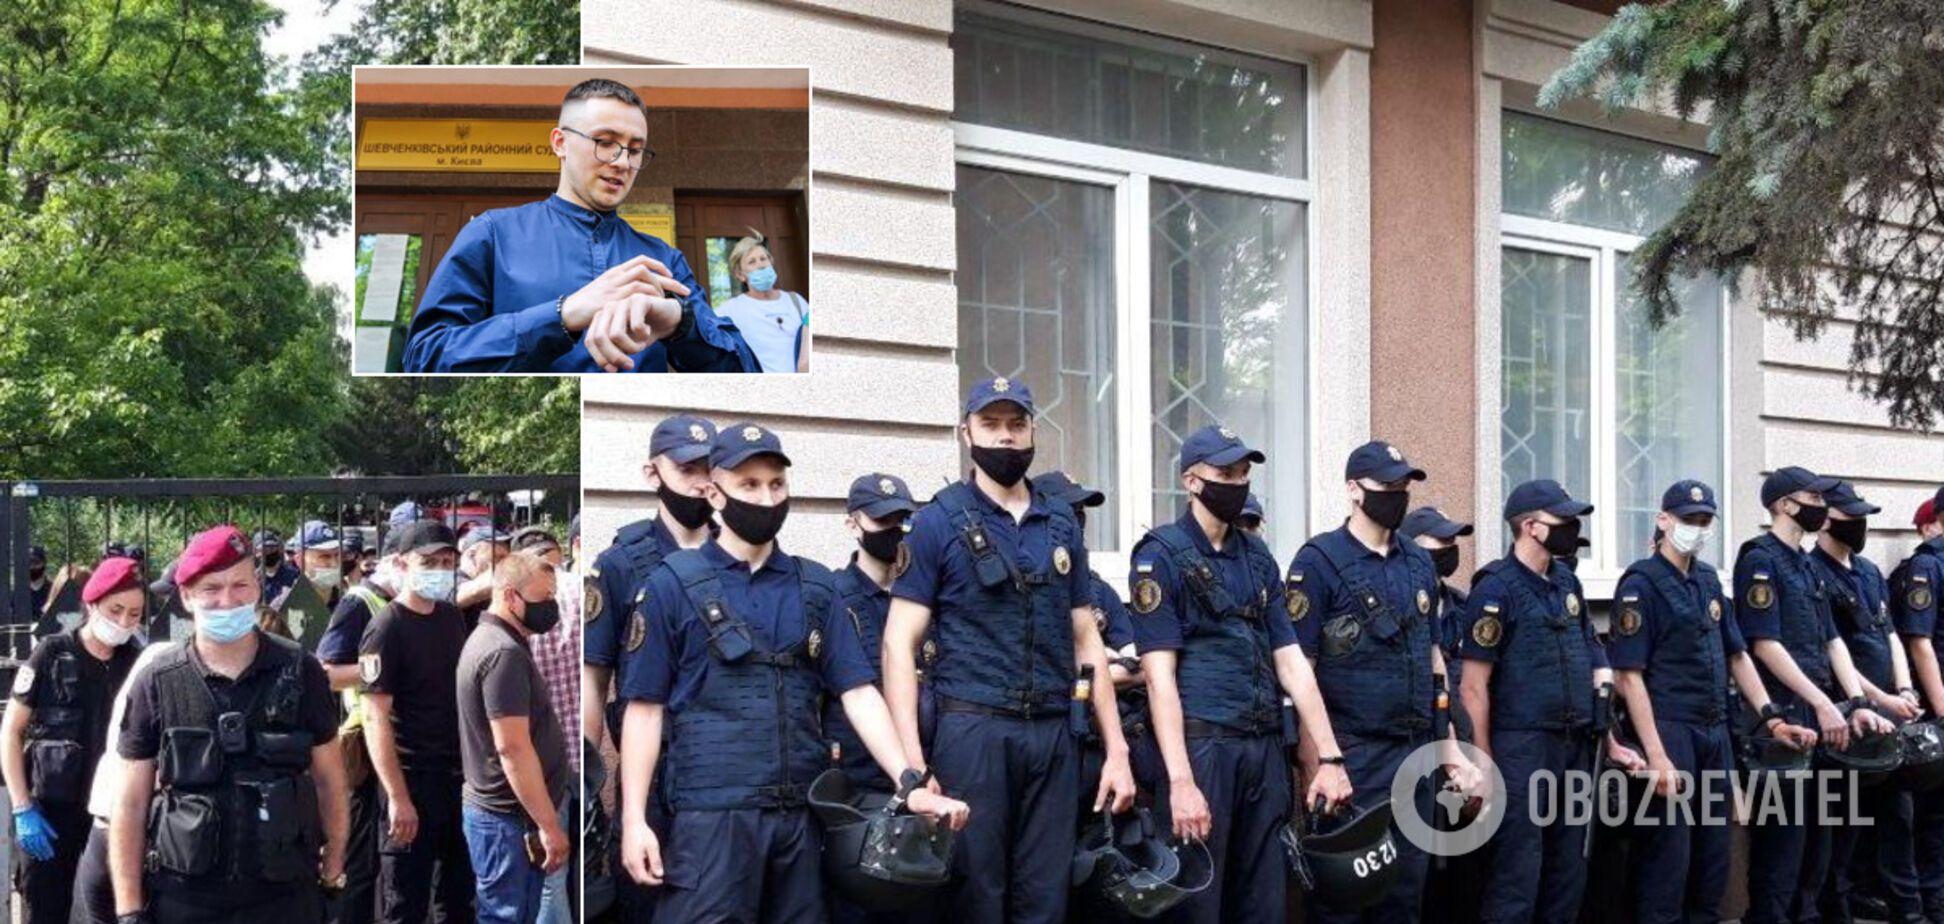 Стерненка відправили під домашній арешт: всі подробиці про суд та протести. Фото та відео